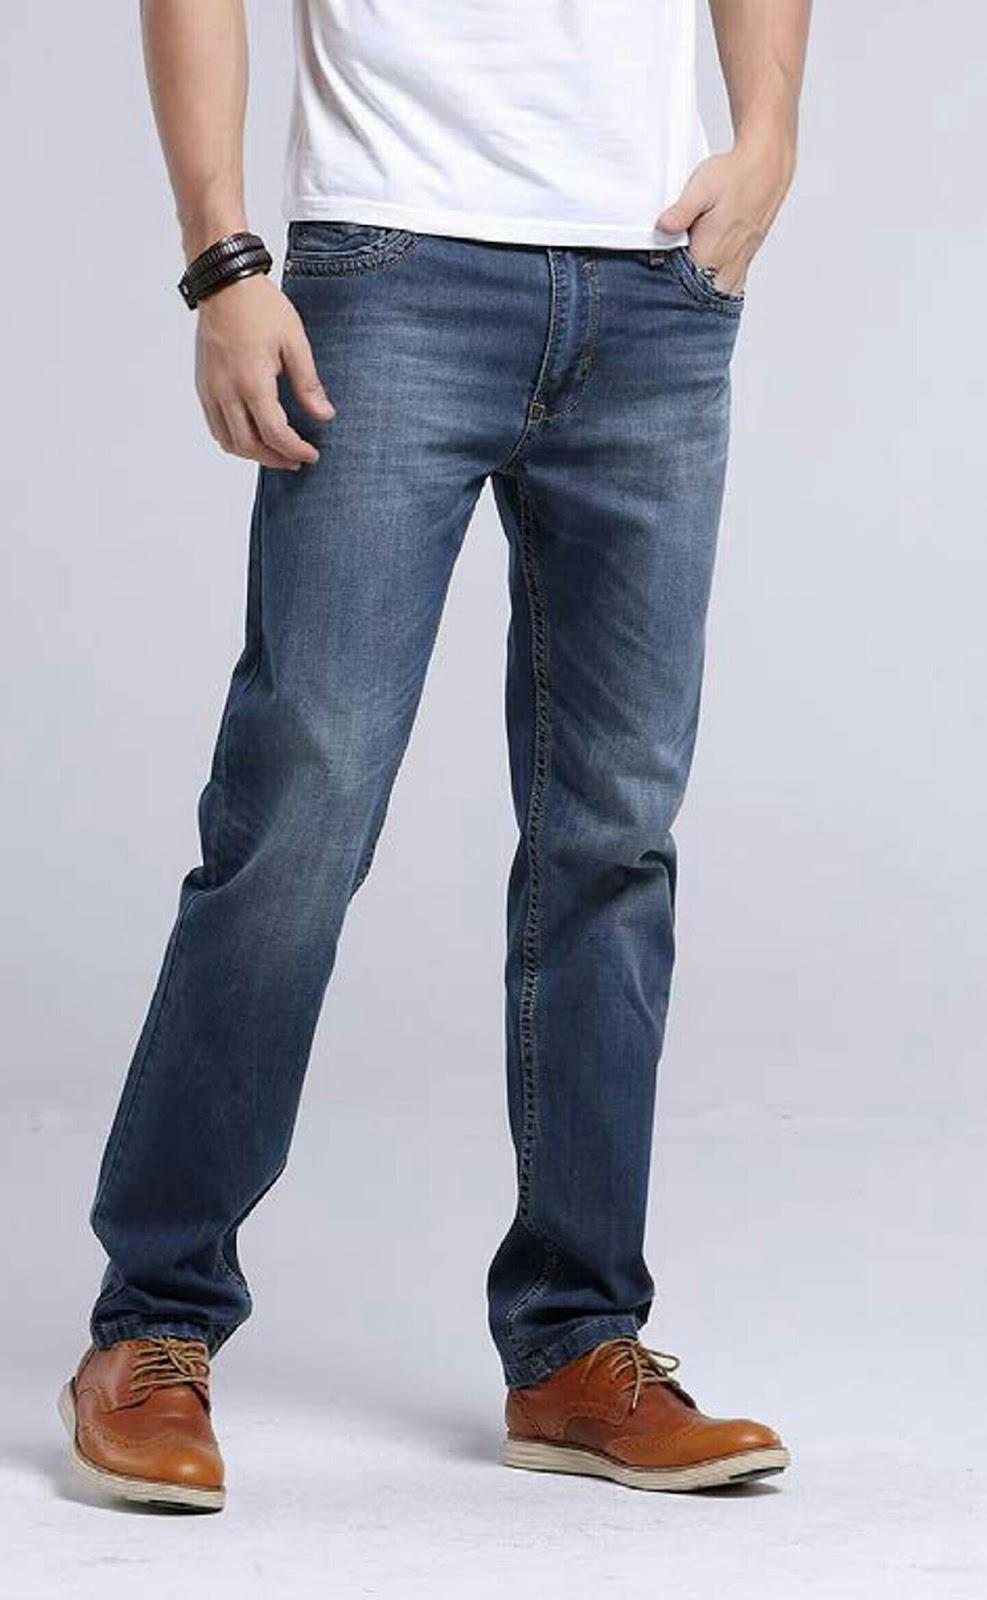 Kot Pantolon Alırken Nasıl Bir Seçim Yapmak Gerekir